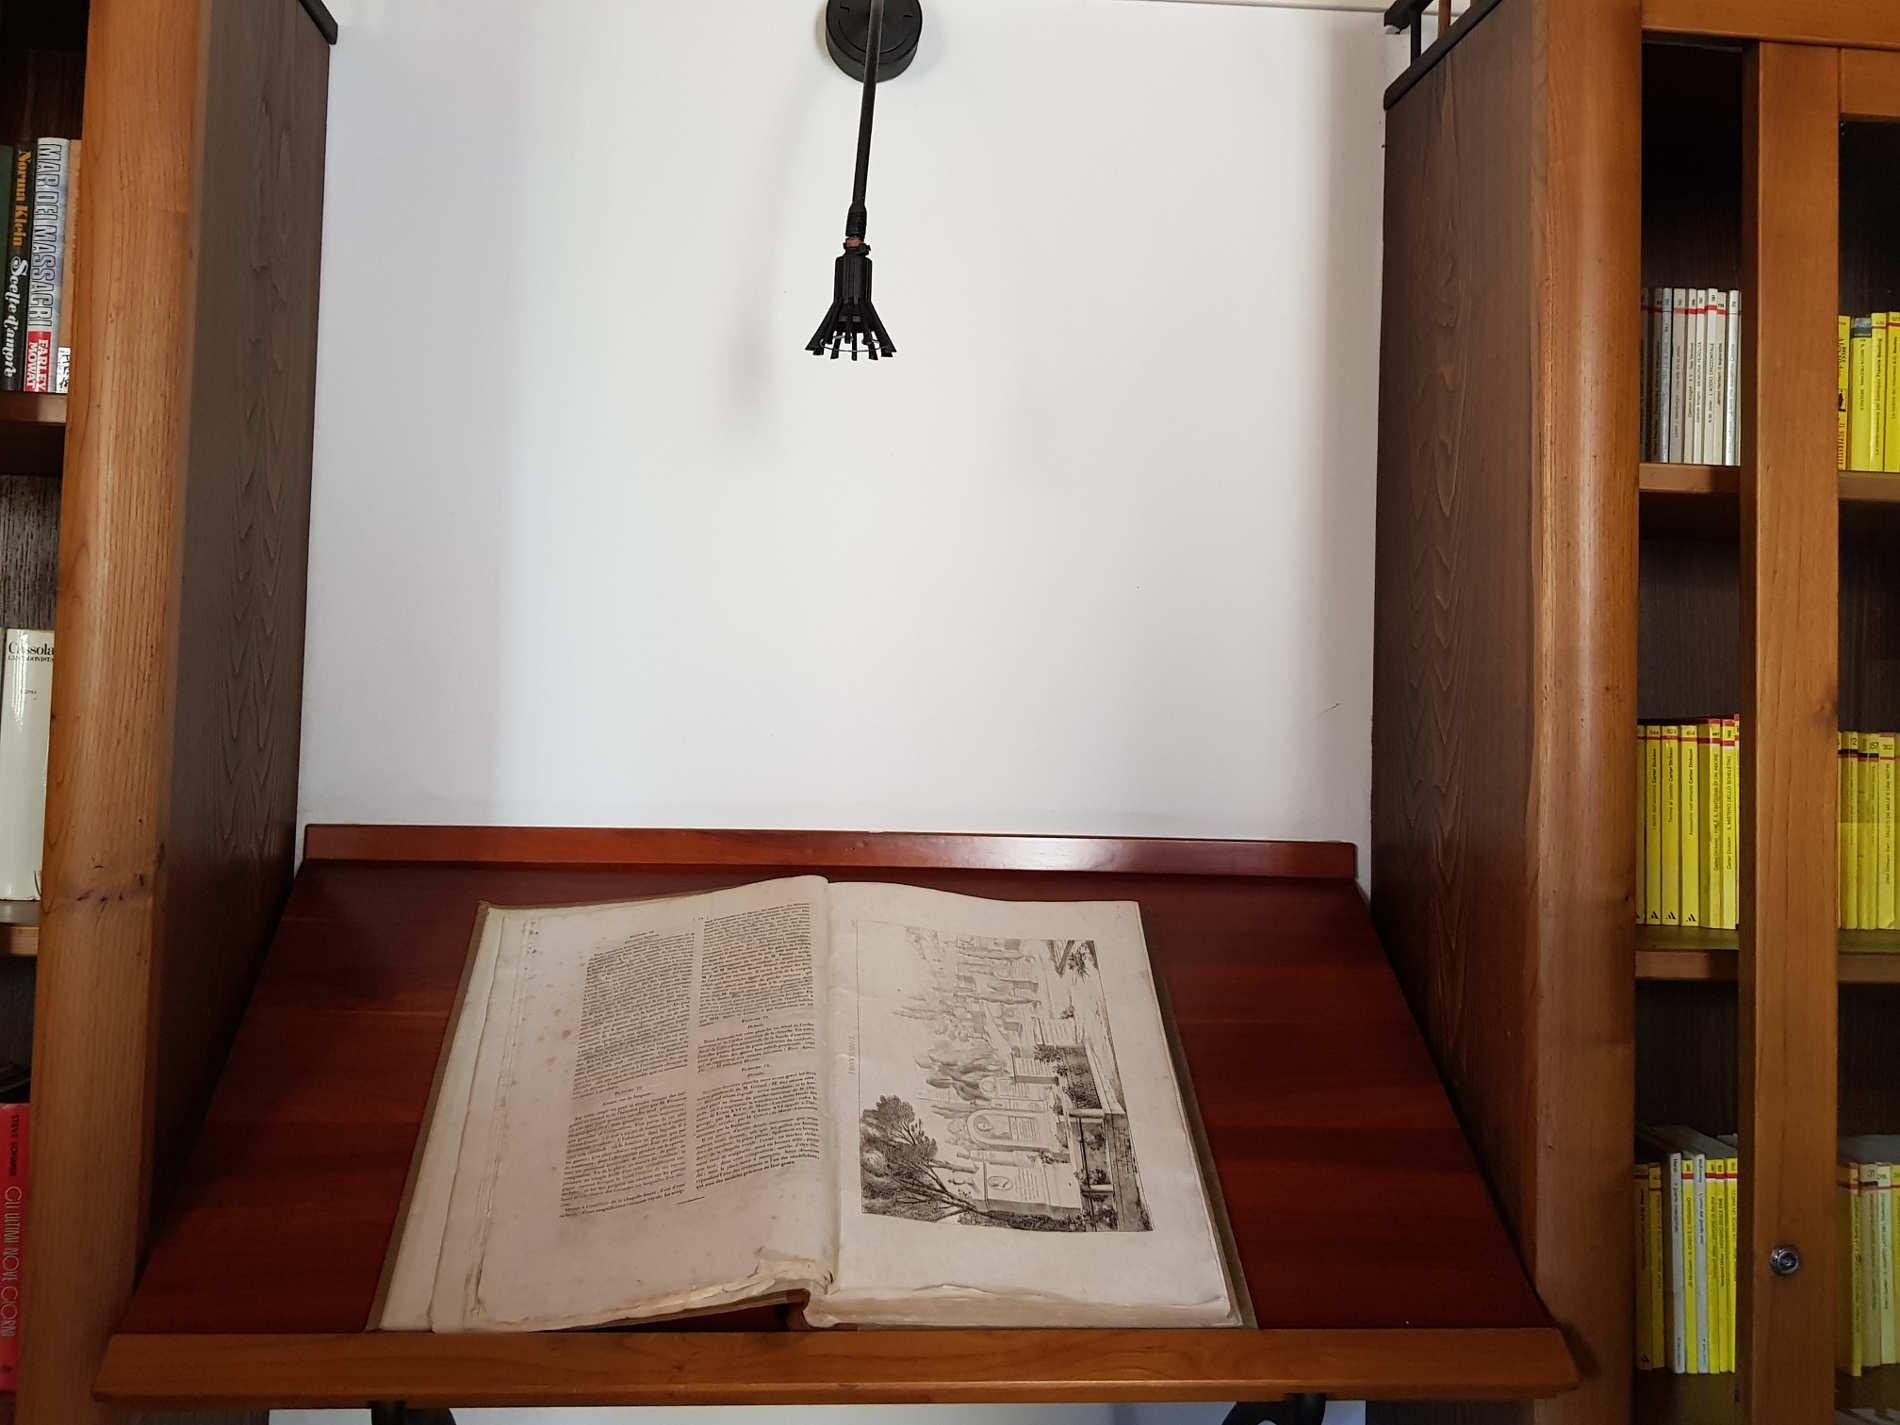 Antichi volumi nella Biblioteca Civica Museo dei Brettii e del Mare a Cetraro